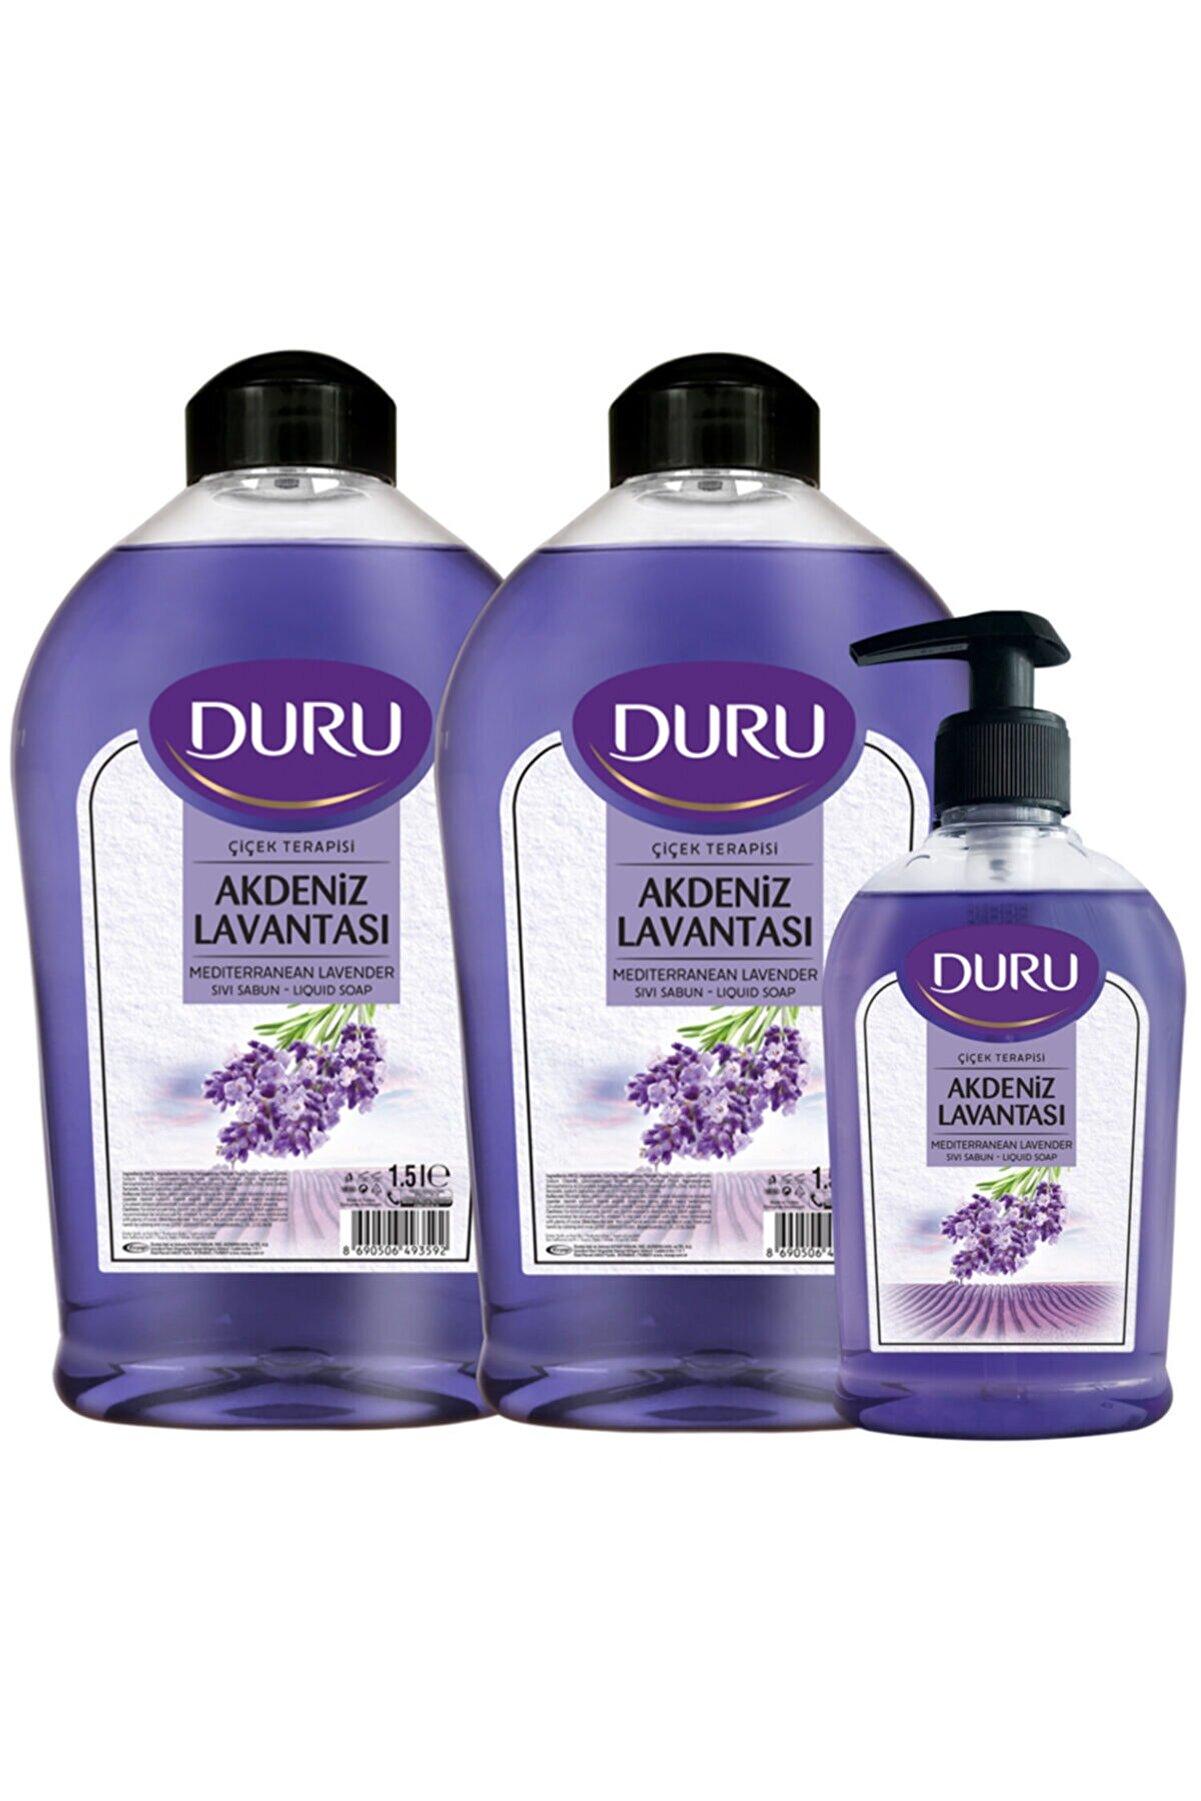 Duru Akdeniz Lavantası Sıvı Sabun 1,5+1,5+300ml